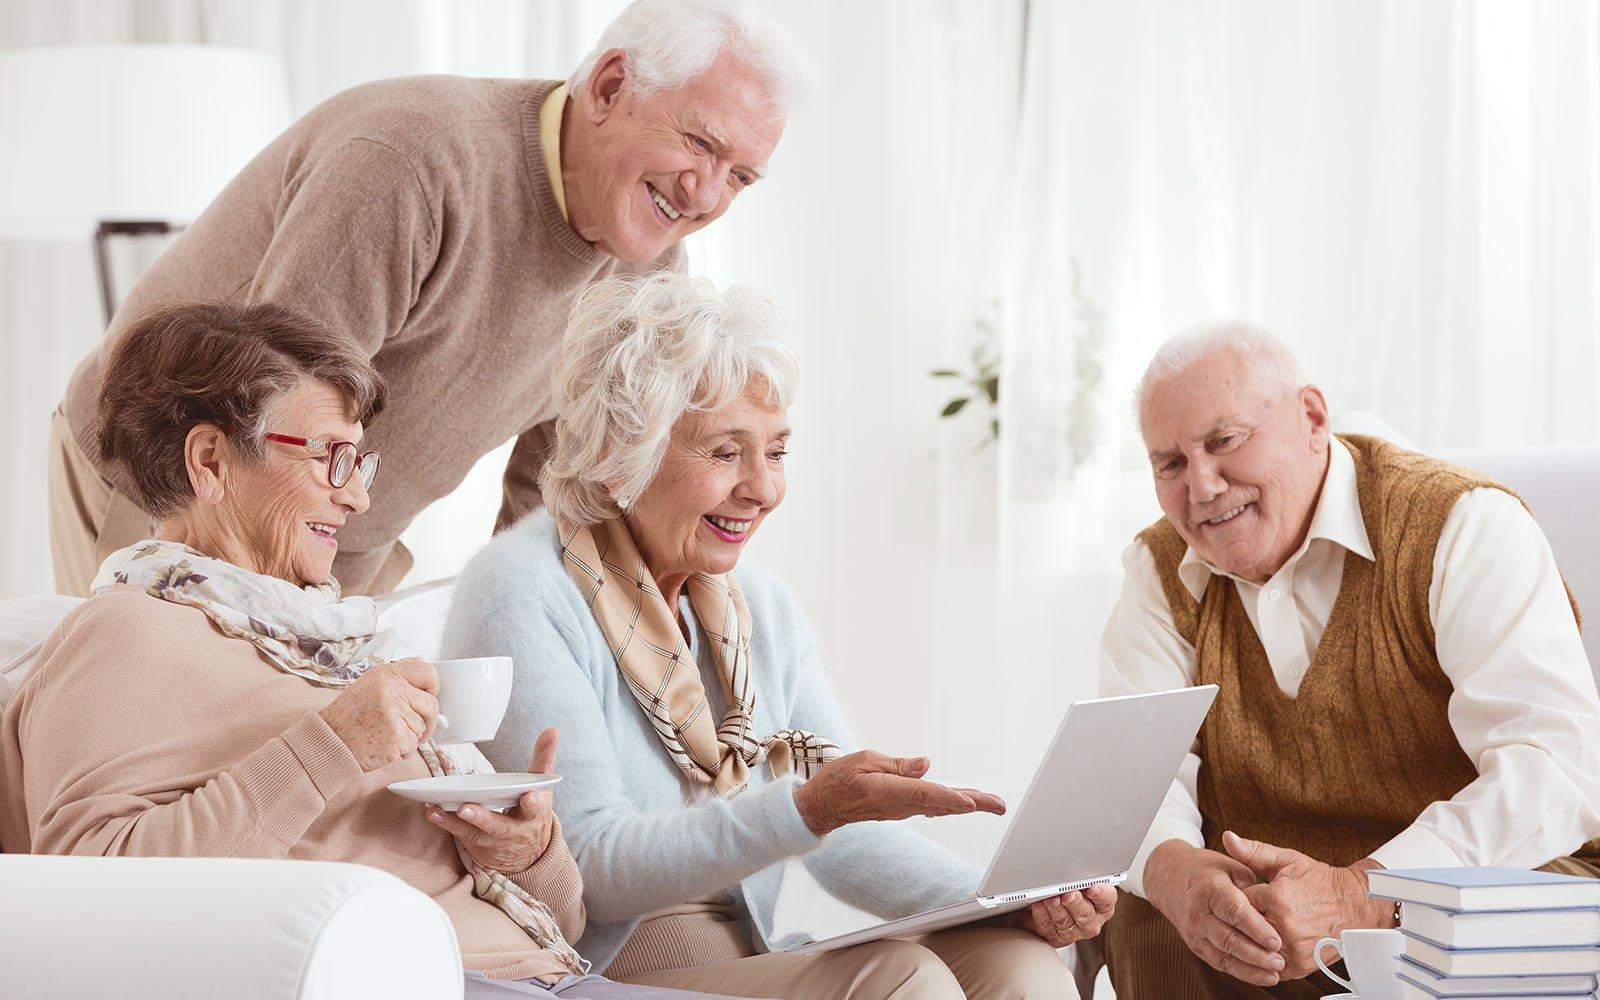 una signora anziana che usa il computer e altri che guardano sorridendo